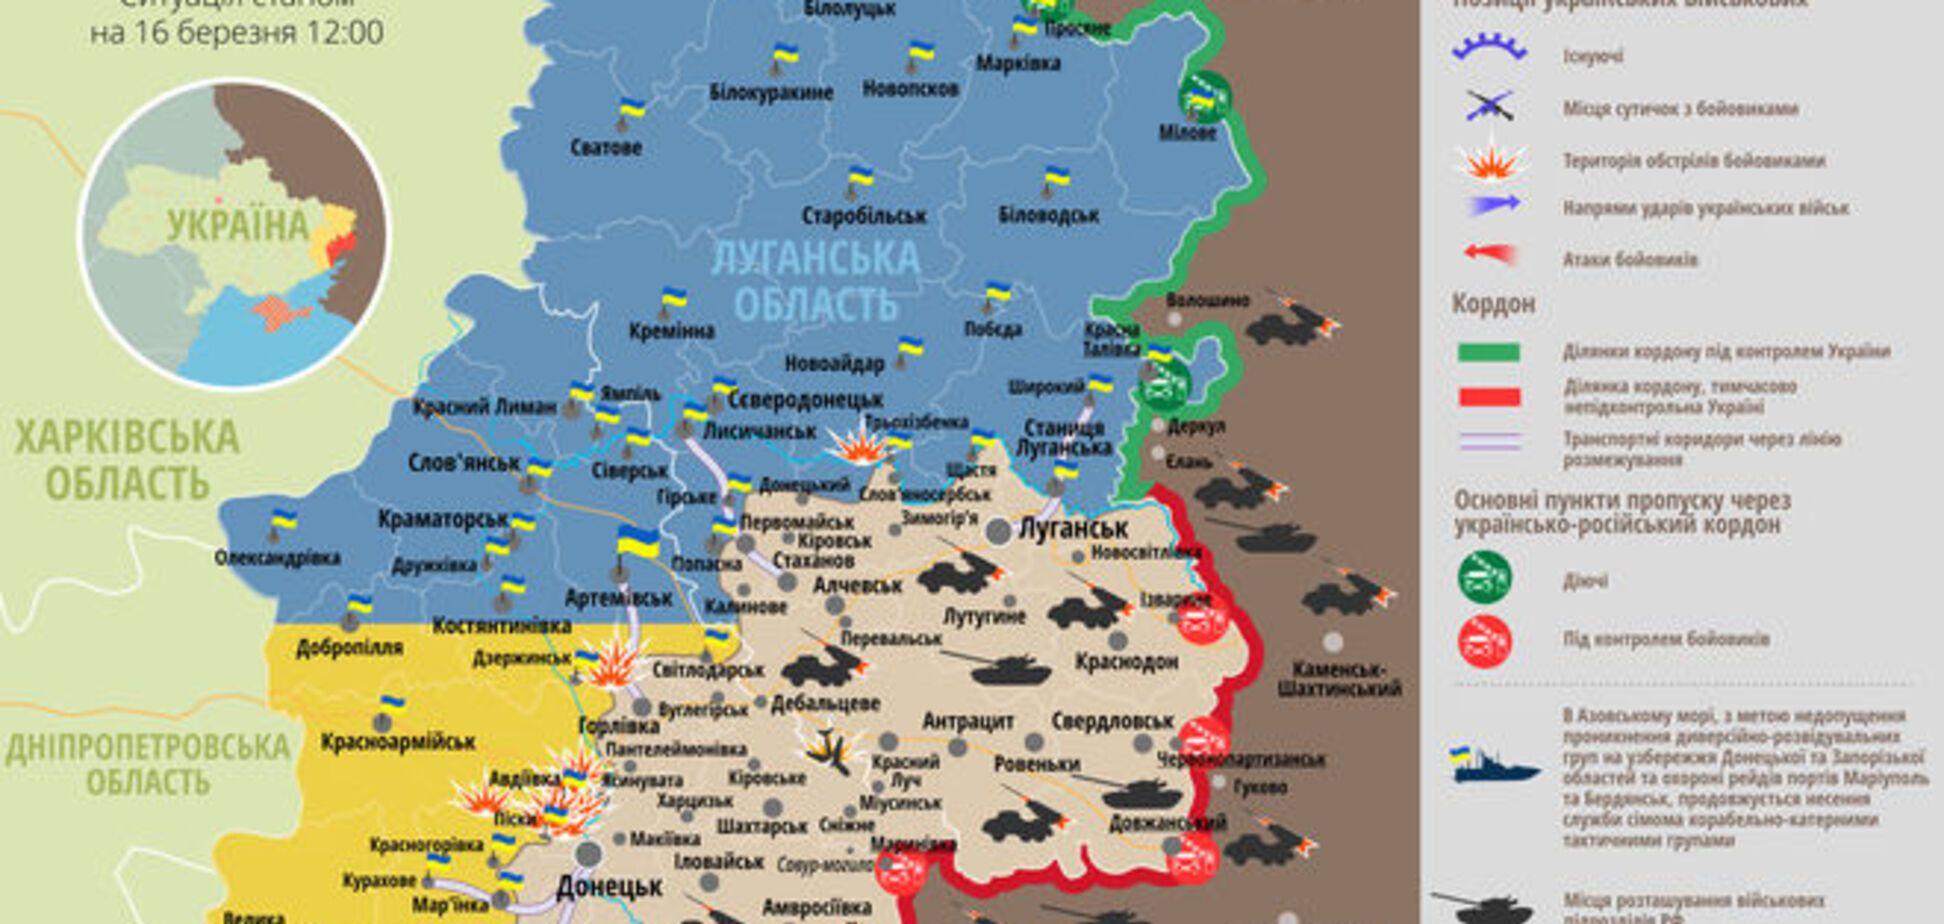 Боевики за сутки 12 раз открывали огонь по украинским военным: карта АТО